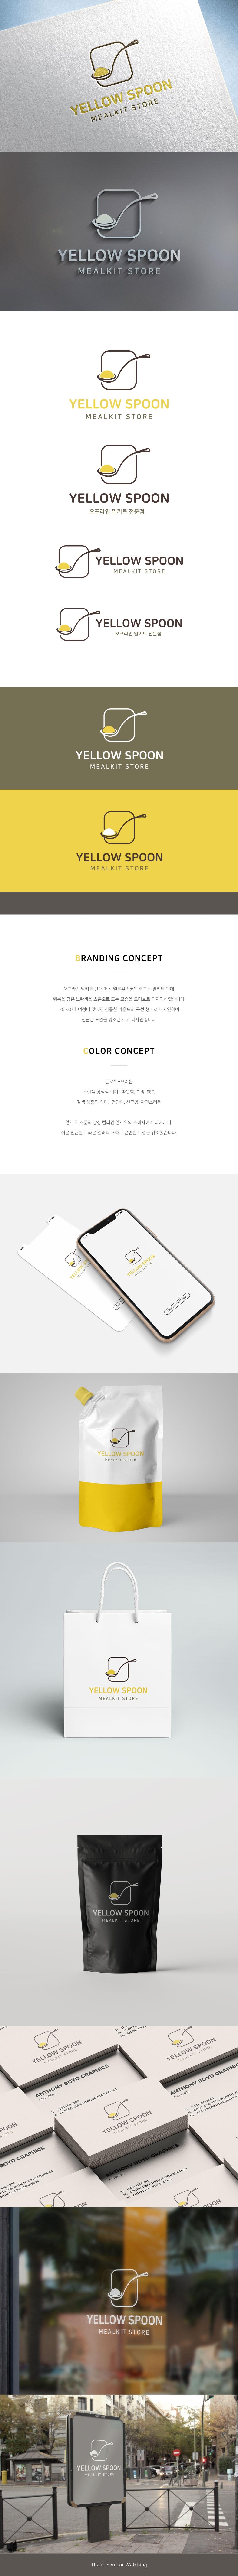 로고 디자인 | 밀키트 프랜차이즈 로고 디자인 의뢰  | 라우드소싱 포트폴리오